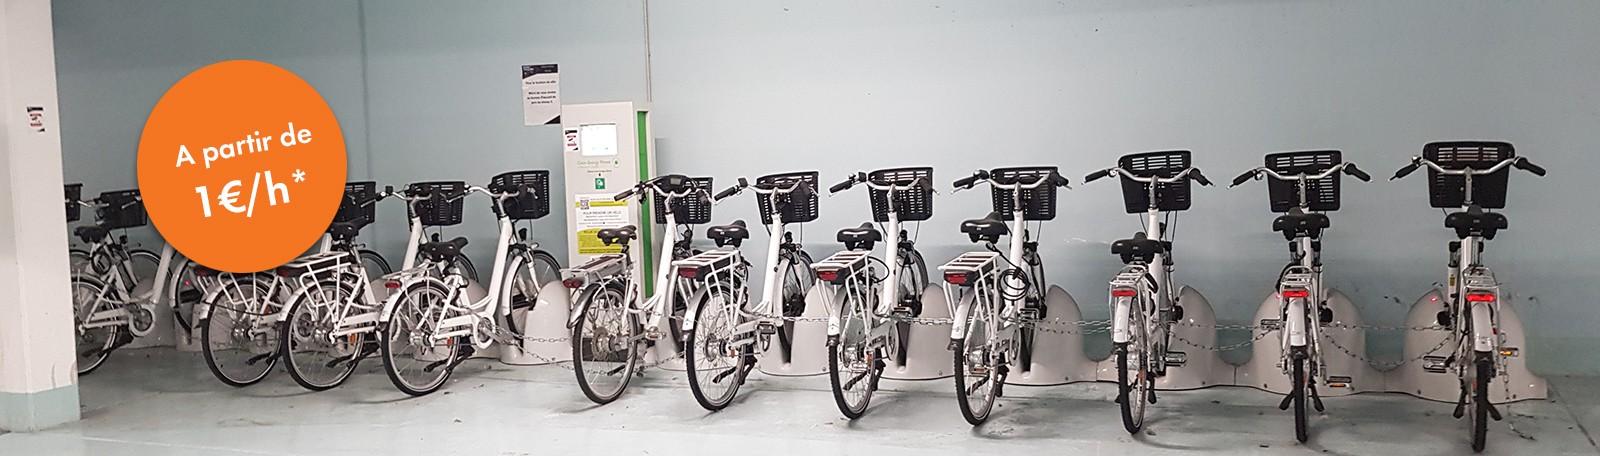 Location de vélo à Toulon à parti de 1 euro